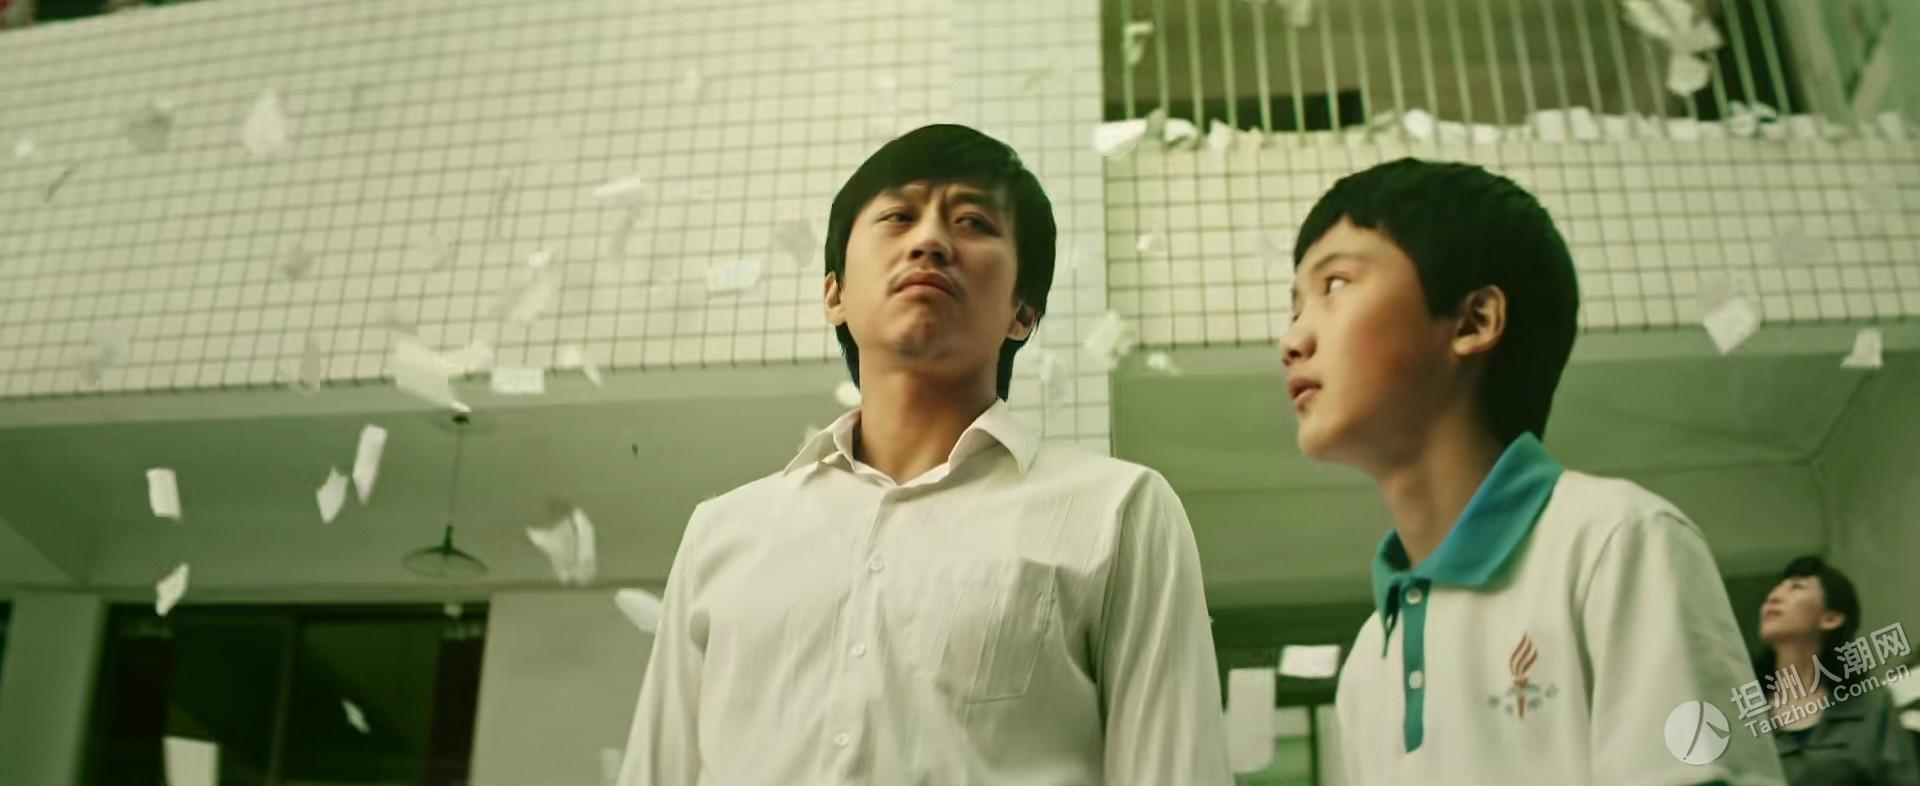 备好纸巾,今年暑假坦洲影迷必看高分作品 9.5!!!